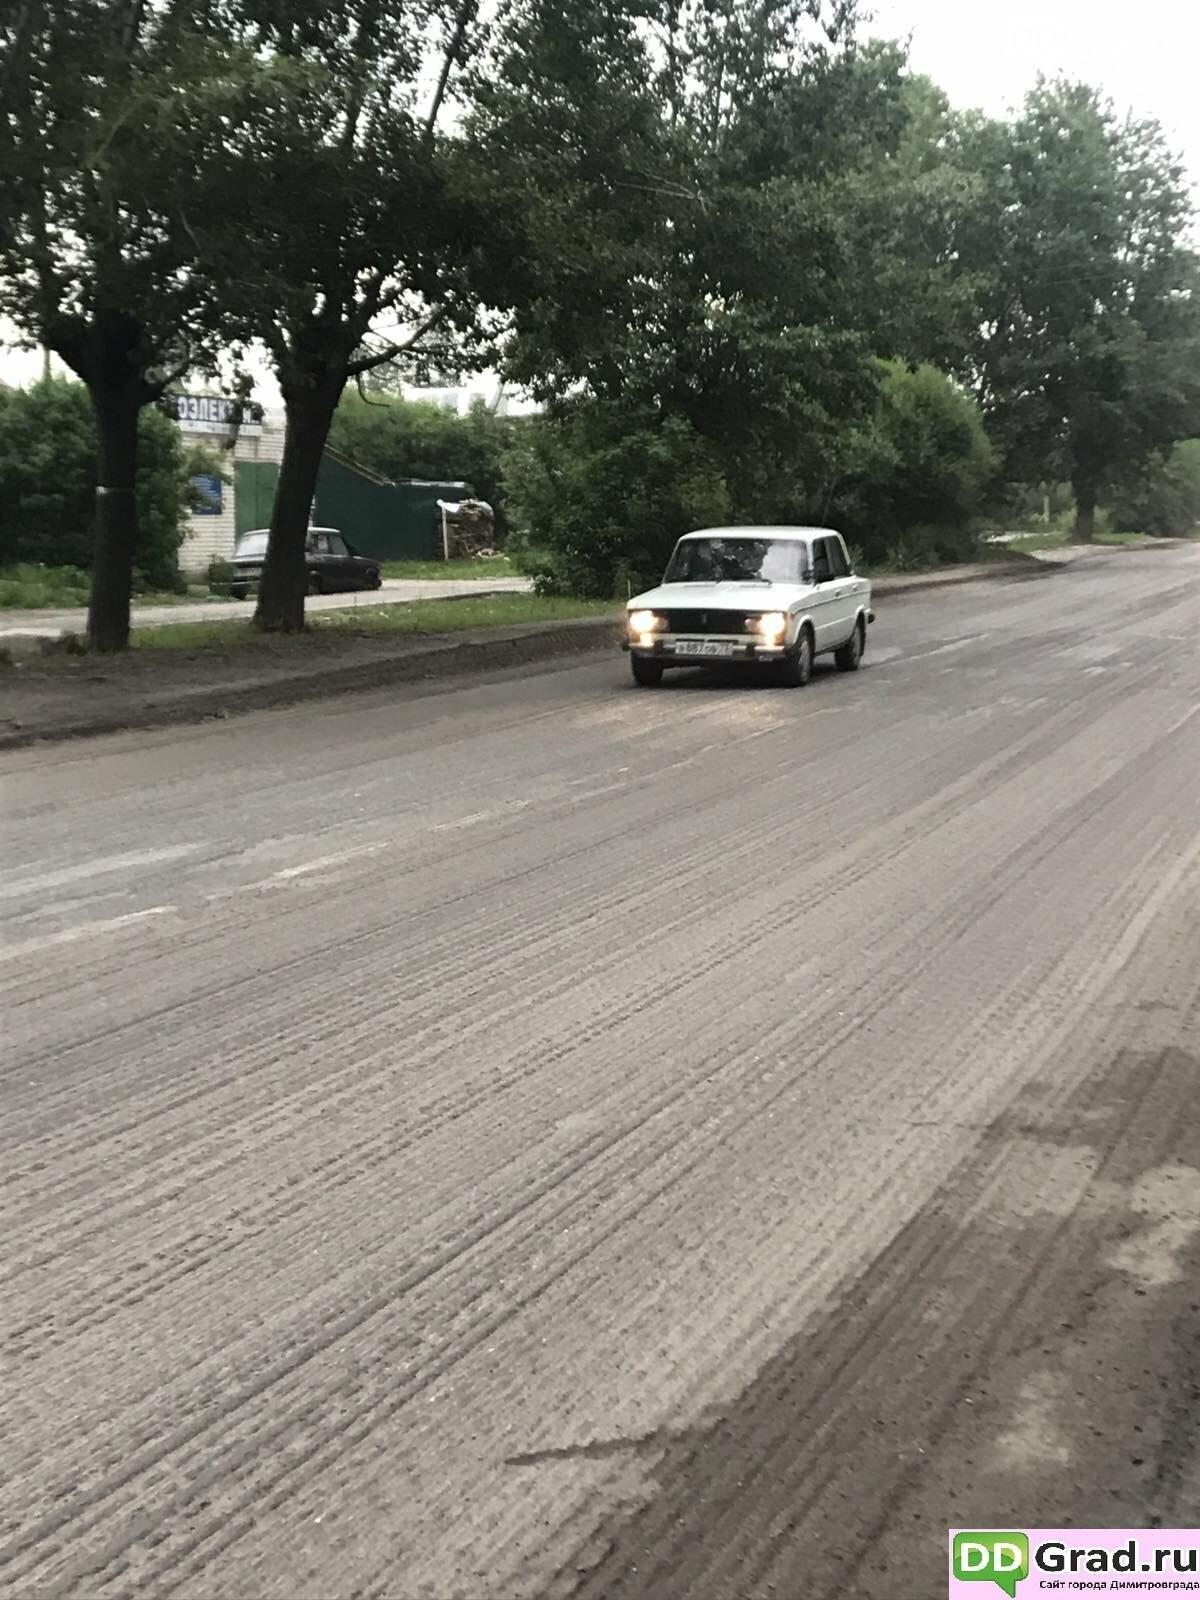 Эх, дороги... Пыль да туман... В Димитровграде начался ремонт дорог, фото-3